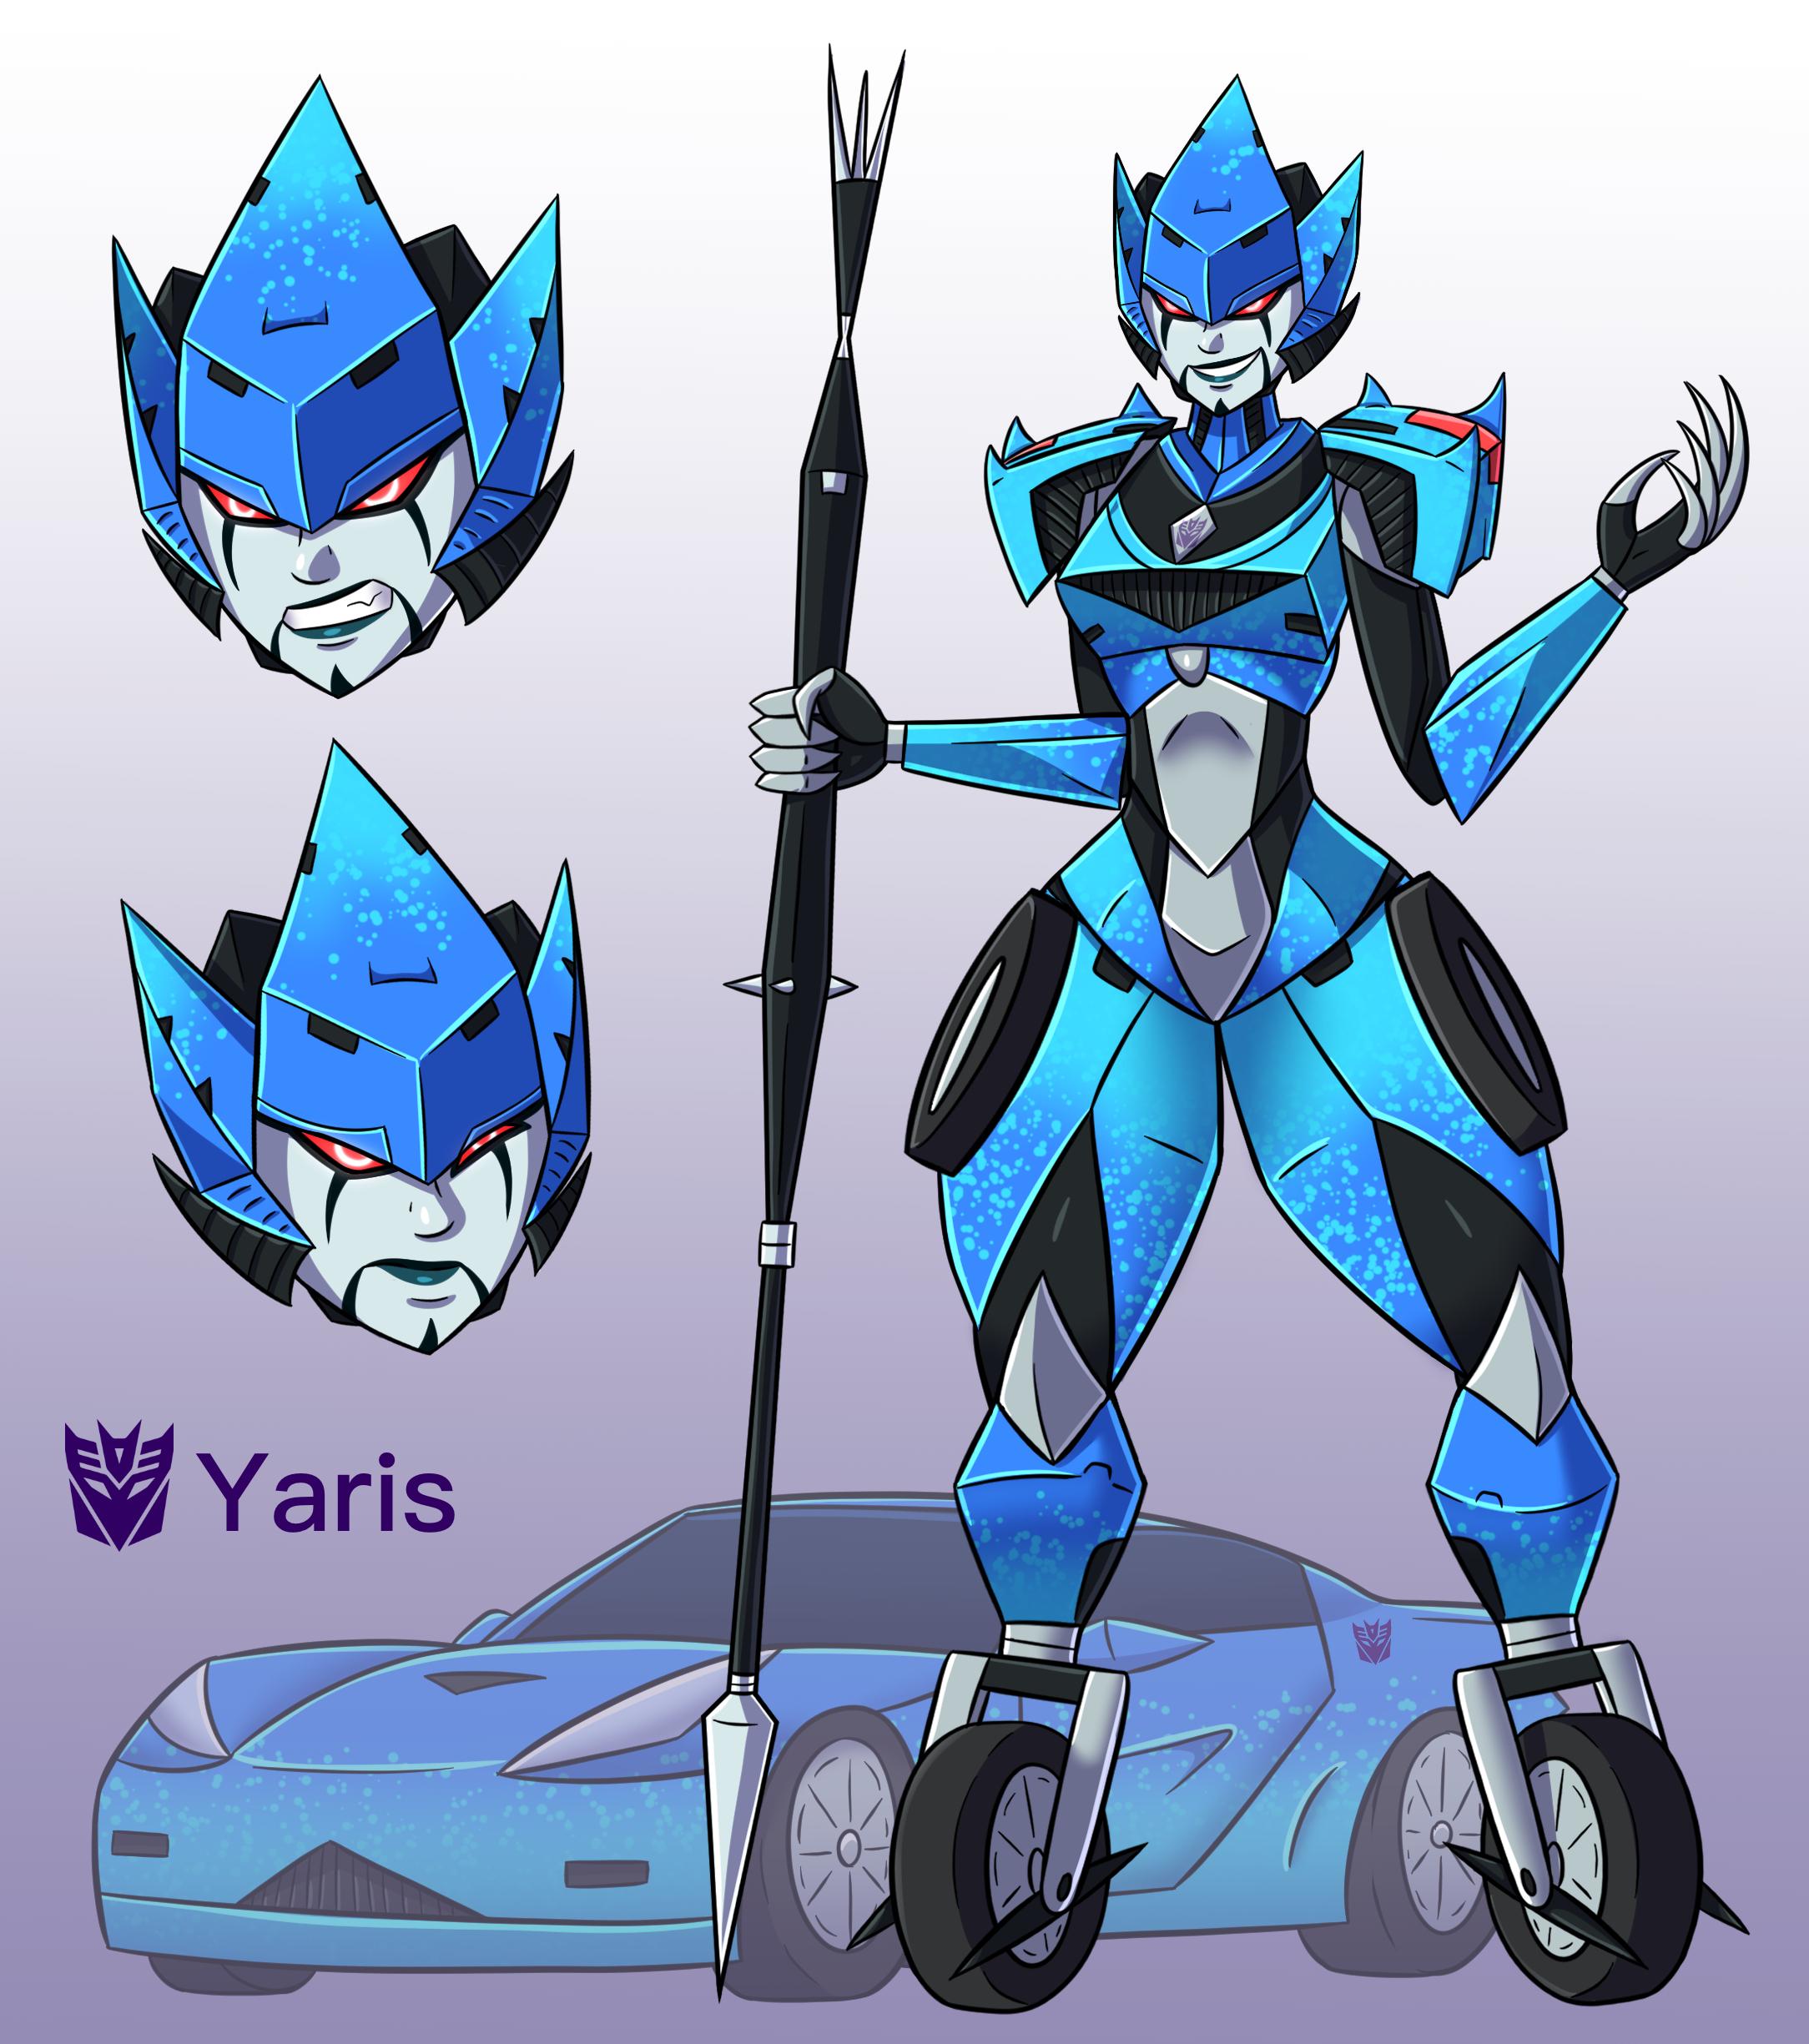 Decepticon Yaris